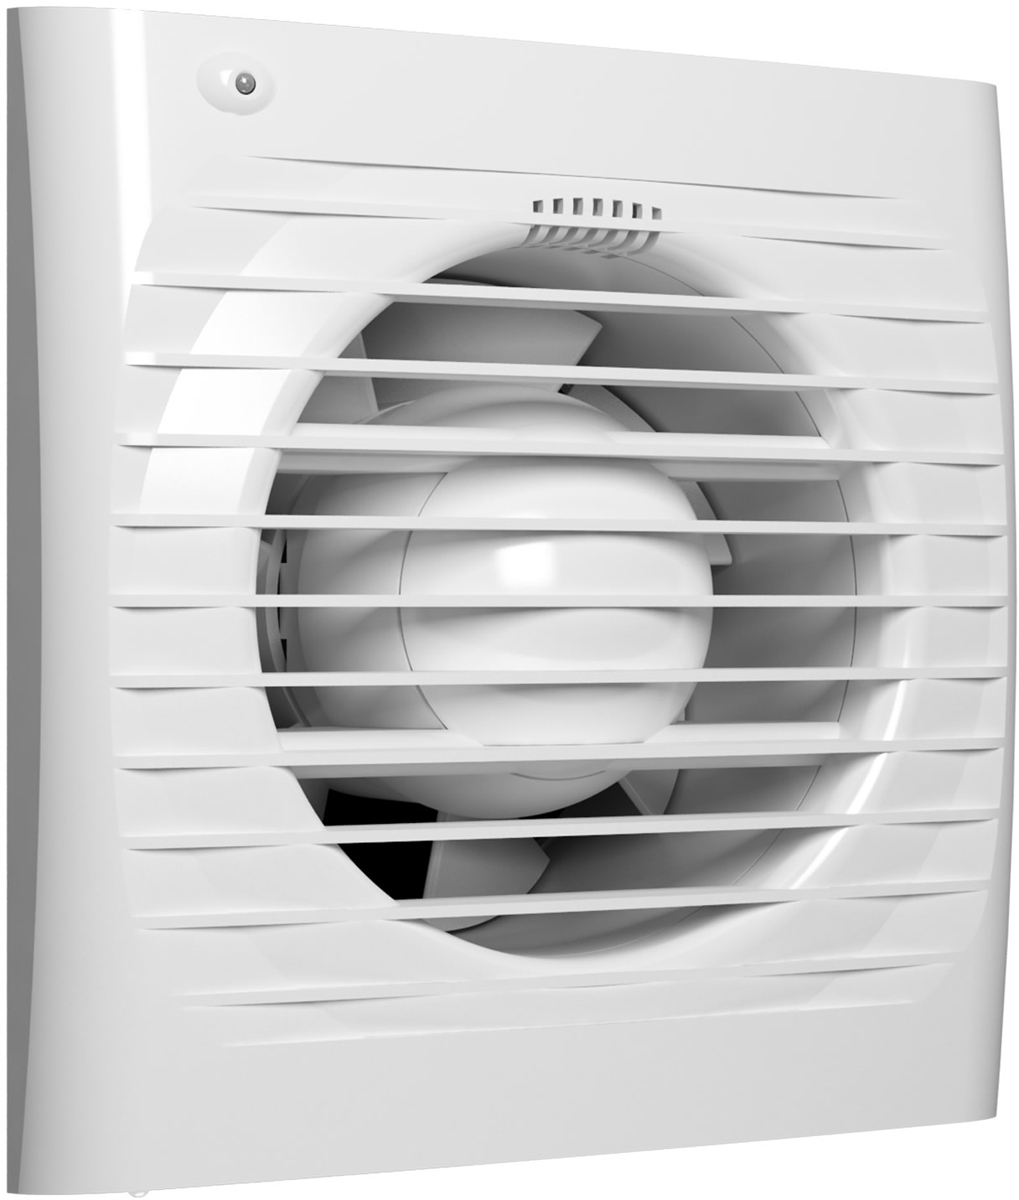 ERA 4C ET вентилятор осевой вытяжнойERA 4C ETВентилятор серии ERA с диаметром фланца 100 мм. ERA - стандартная линейка вентиляторов. Самая топовая серия вентиляторов, оснащенная самым богатым выбором функций и опций. Вентилятор выполнен в классическом дизайне, благодаря чему впишется в любой интерьер. Лицевая панель, корпус и крыльчатка изготовлены из ABS-пластика. Двигатели вентиляторов данной серии оснащены встроенной термозащитой. Имеет световую индикацию работы. Классического белого цвета. Вентилятор оснащен защитой от обратной тяги. Двухрежимный электронный таймер устанавливает время работы вентилятора (подключается 3-мя проводами).